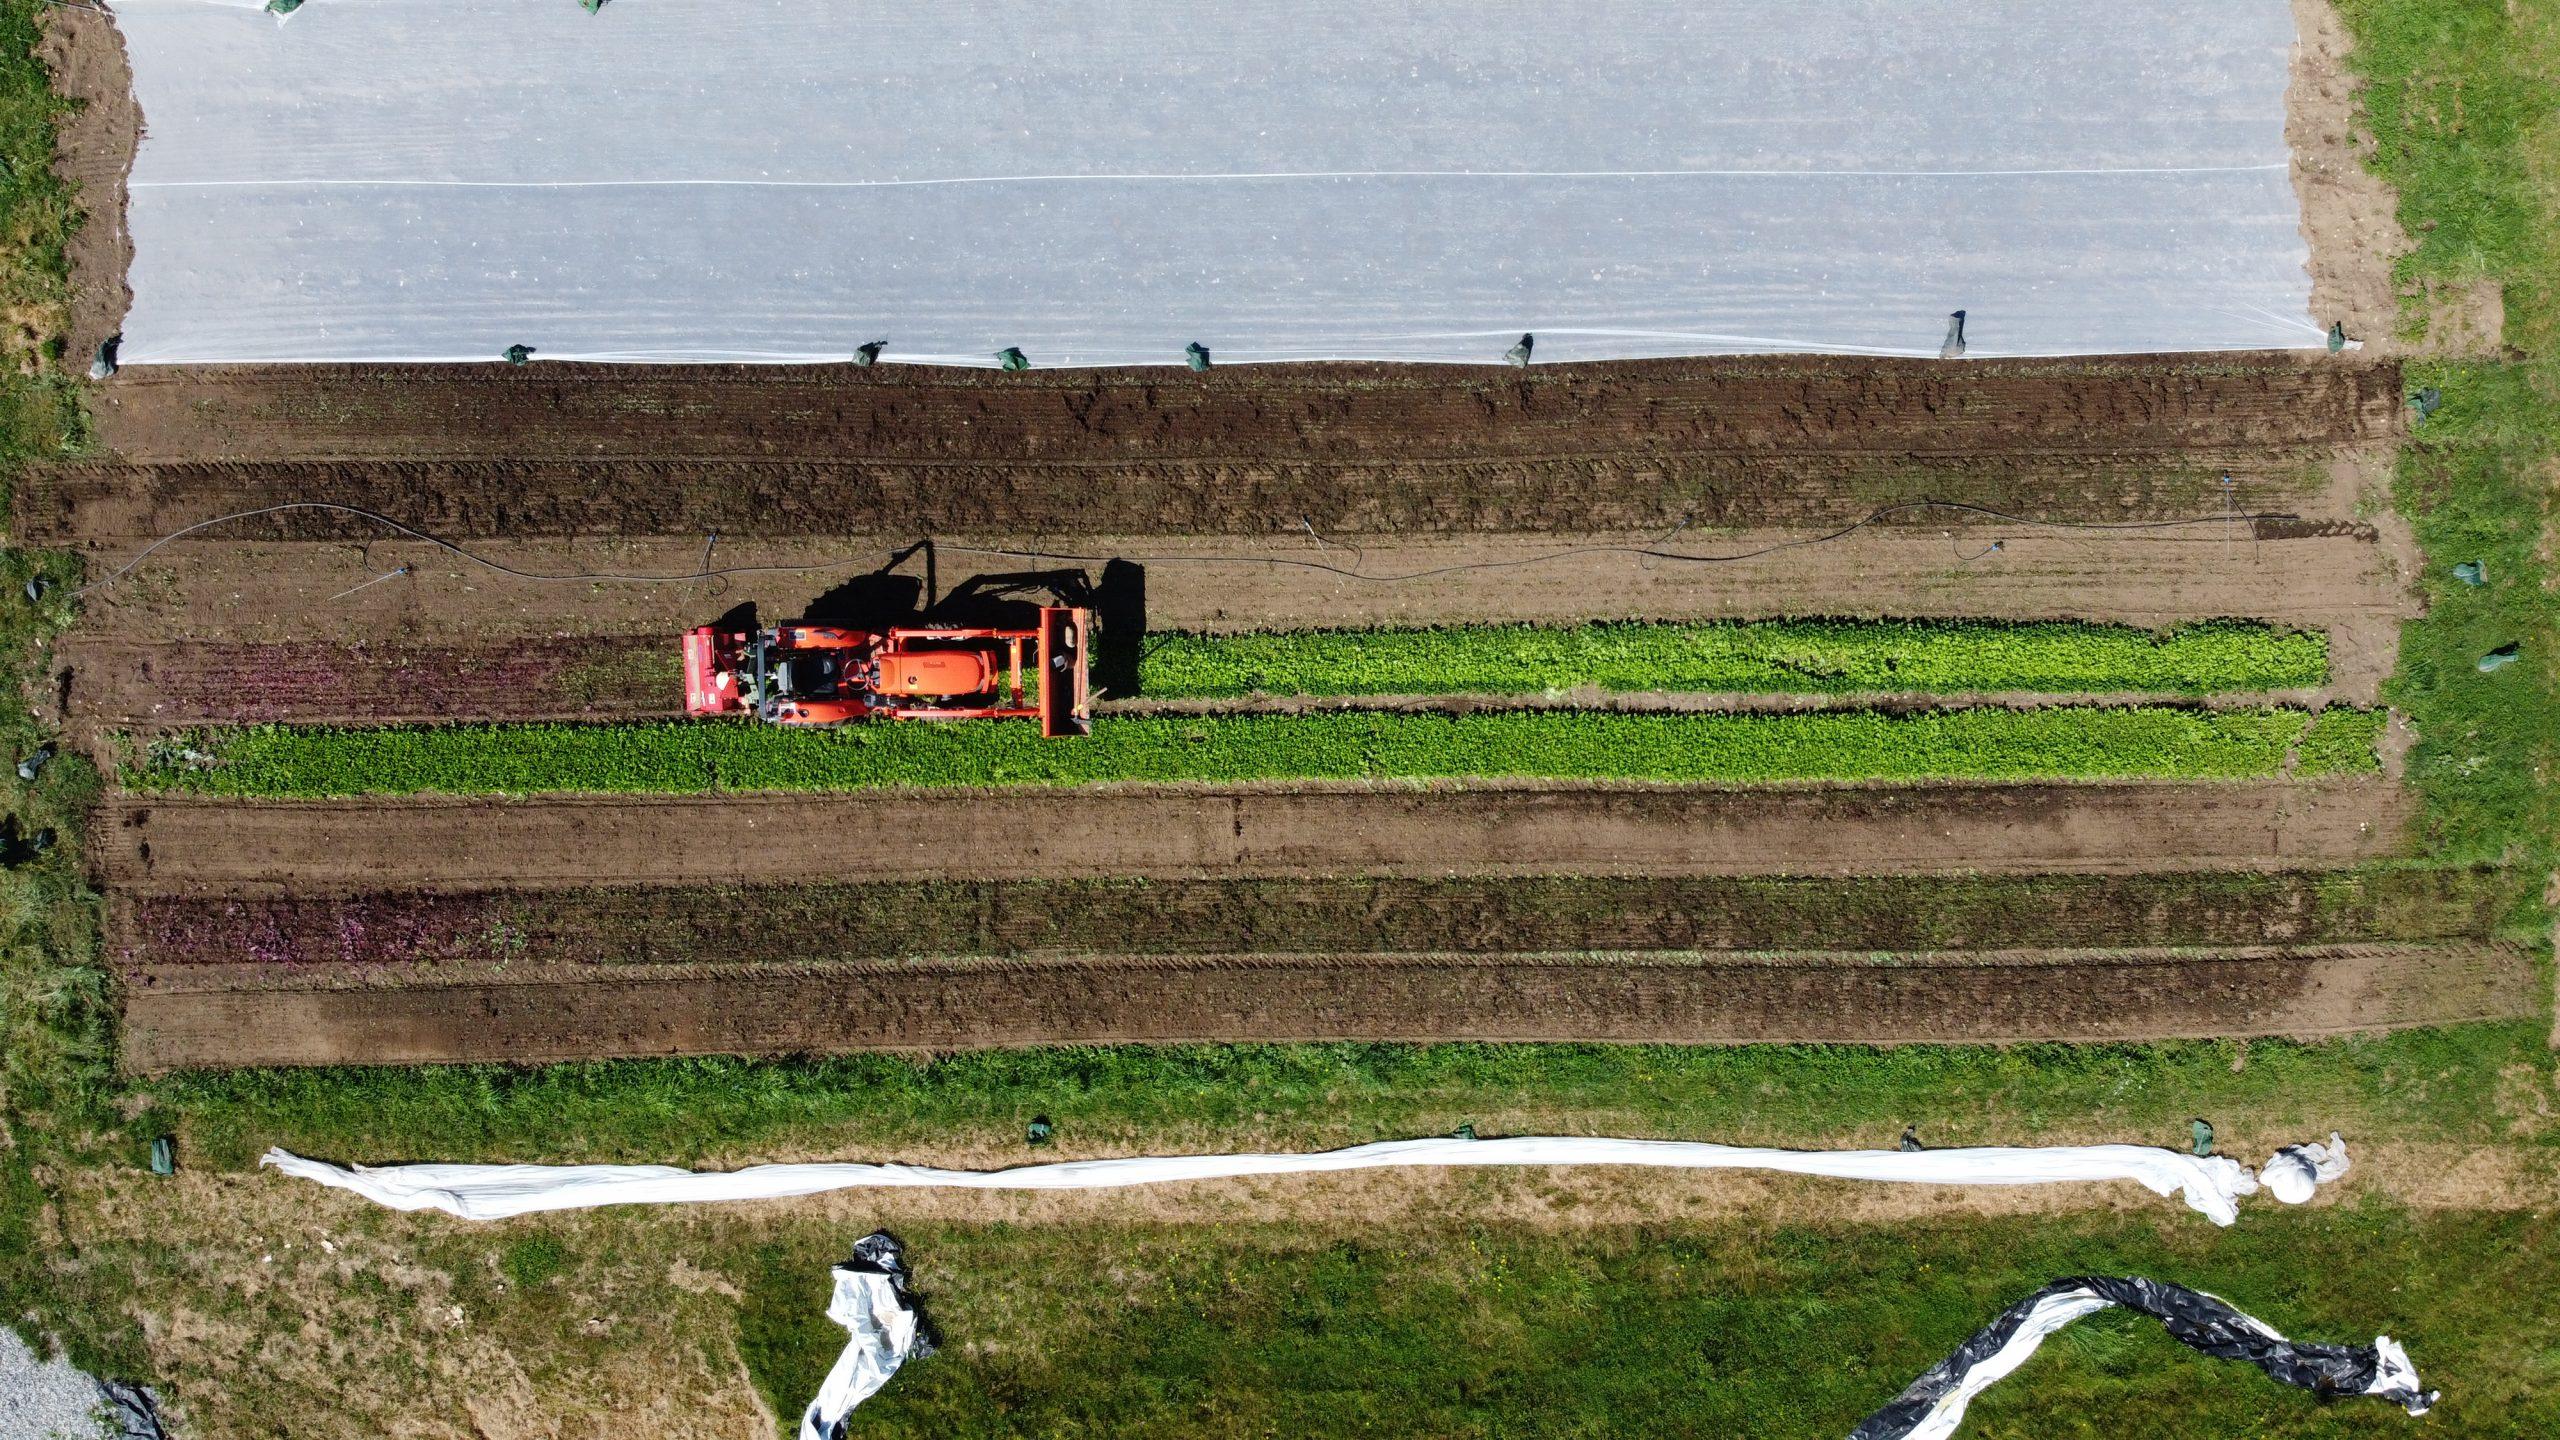 Zaklan Heritage Farm, surrey, vancouver